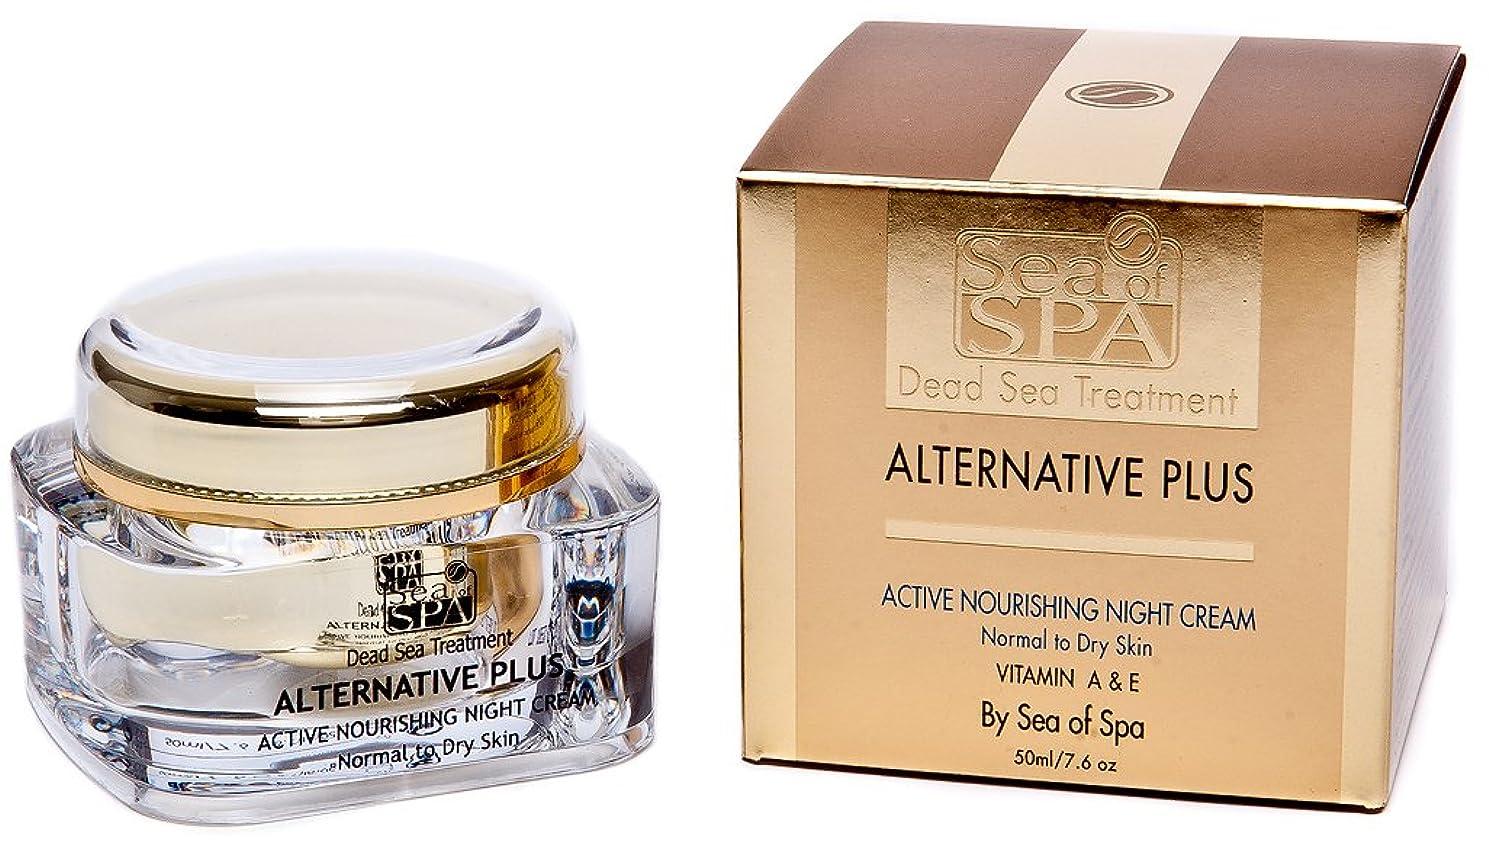 ファンシーつば霜Sea of Spa Alternative Plus - Night Cream, 7.6-Ounce by Sea of Spa [並行輸入品]